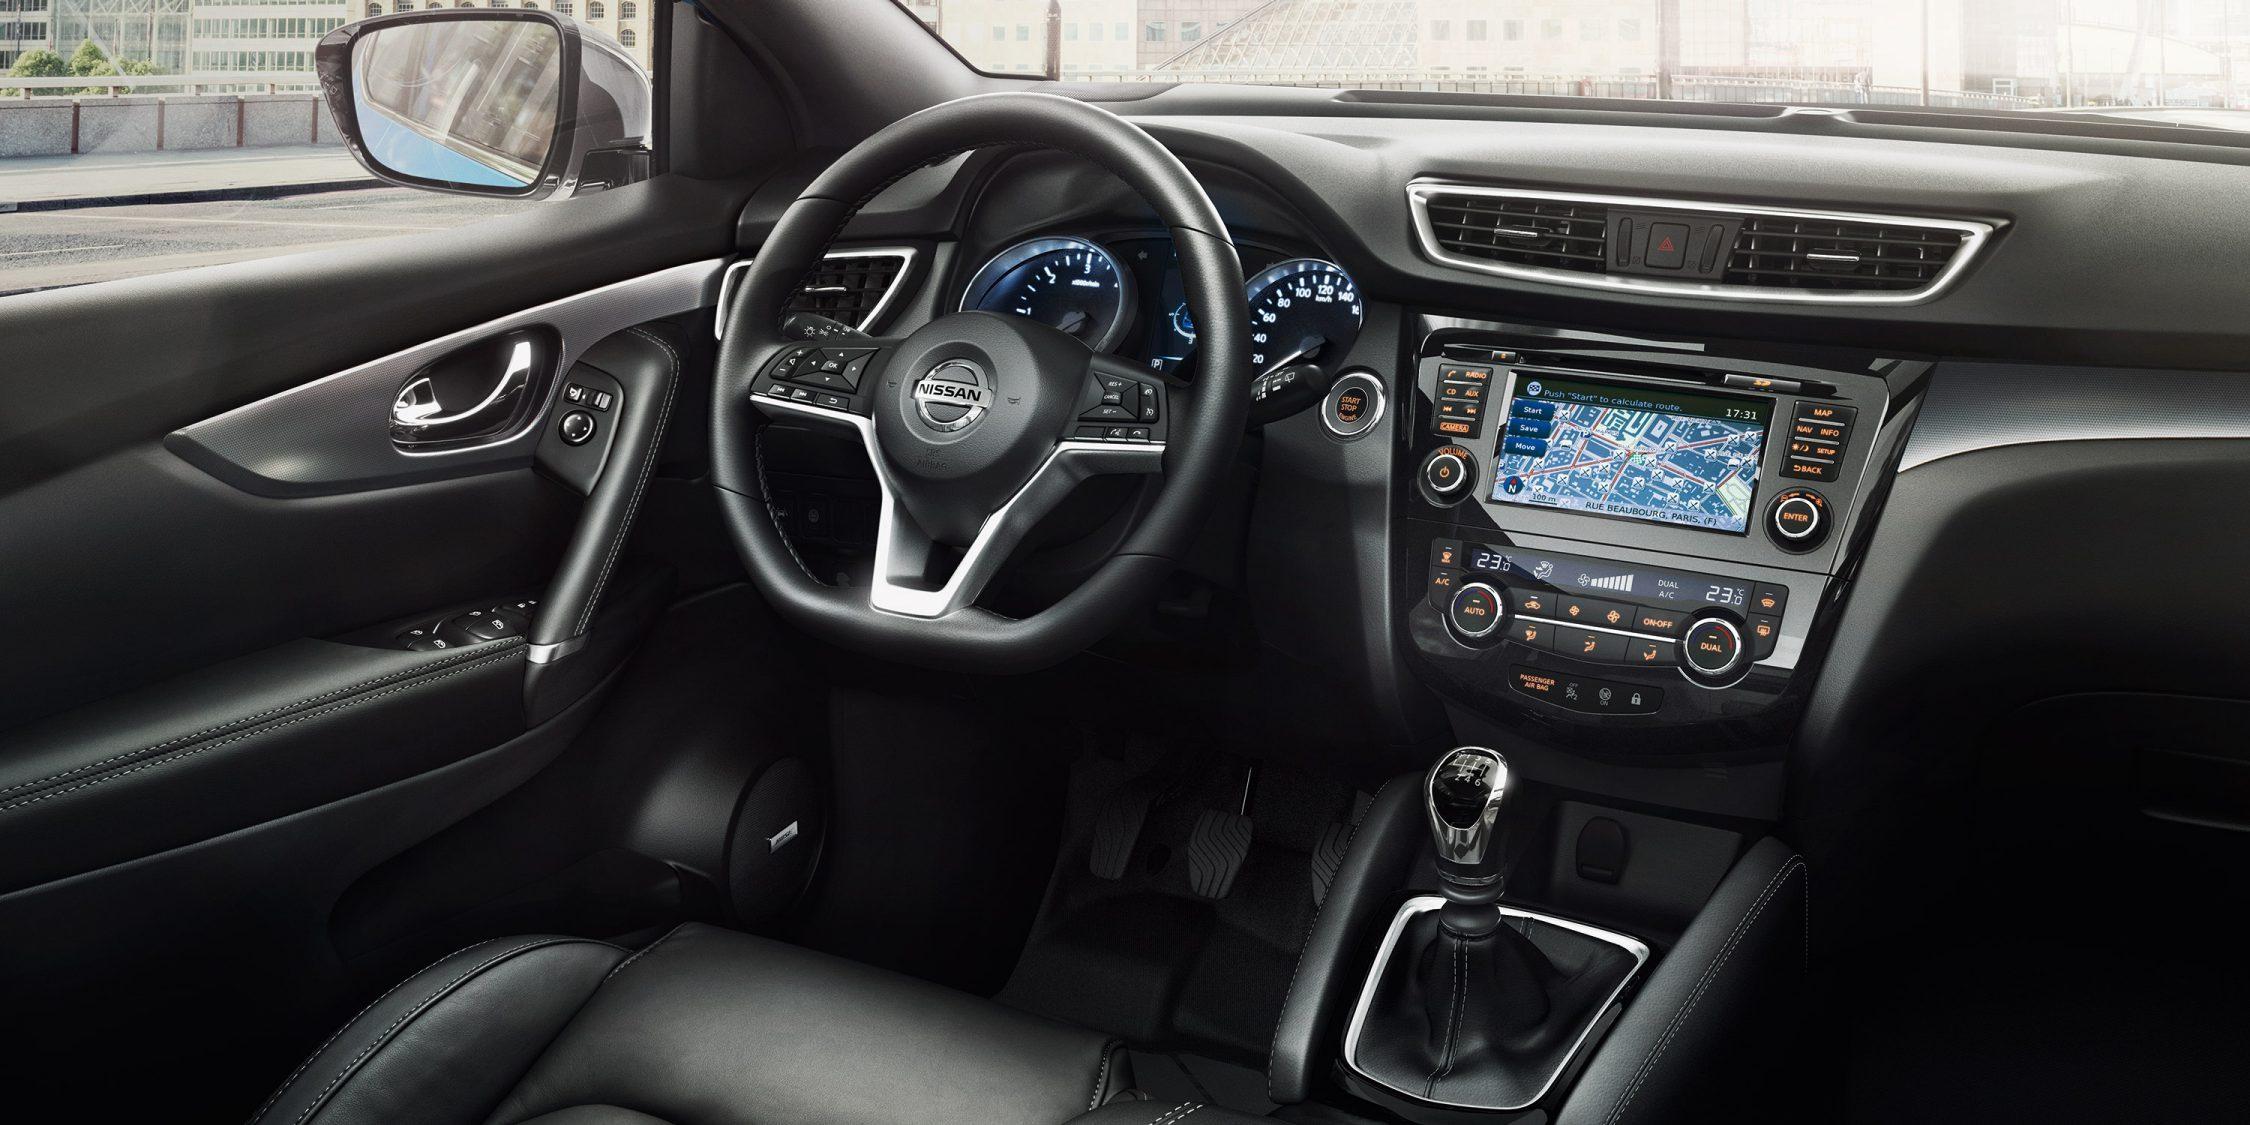 Nissan QASHQAI, изображение салона, рулевое колесо и центральная консоль